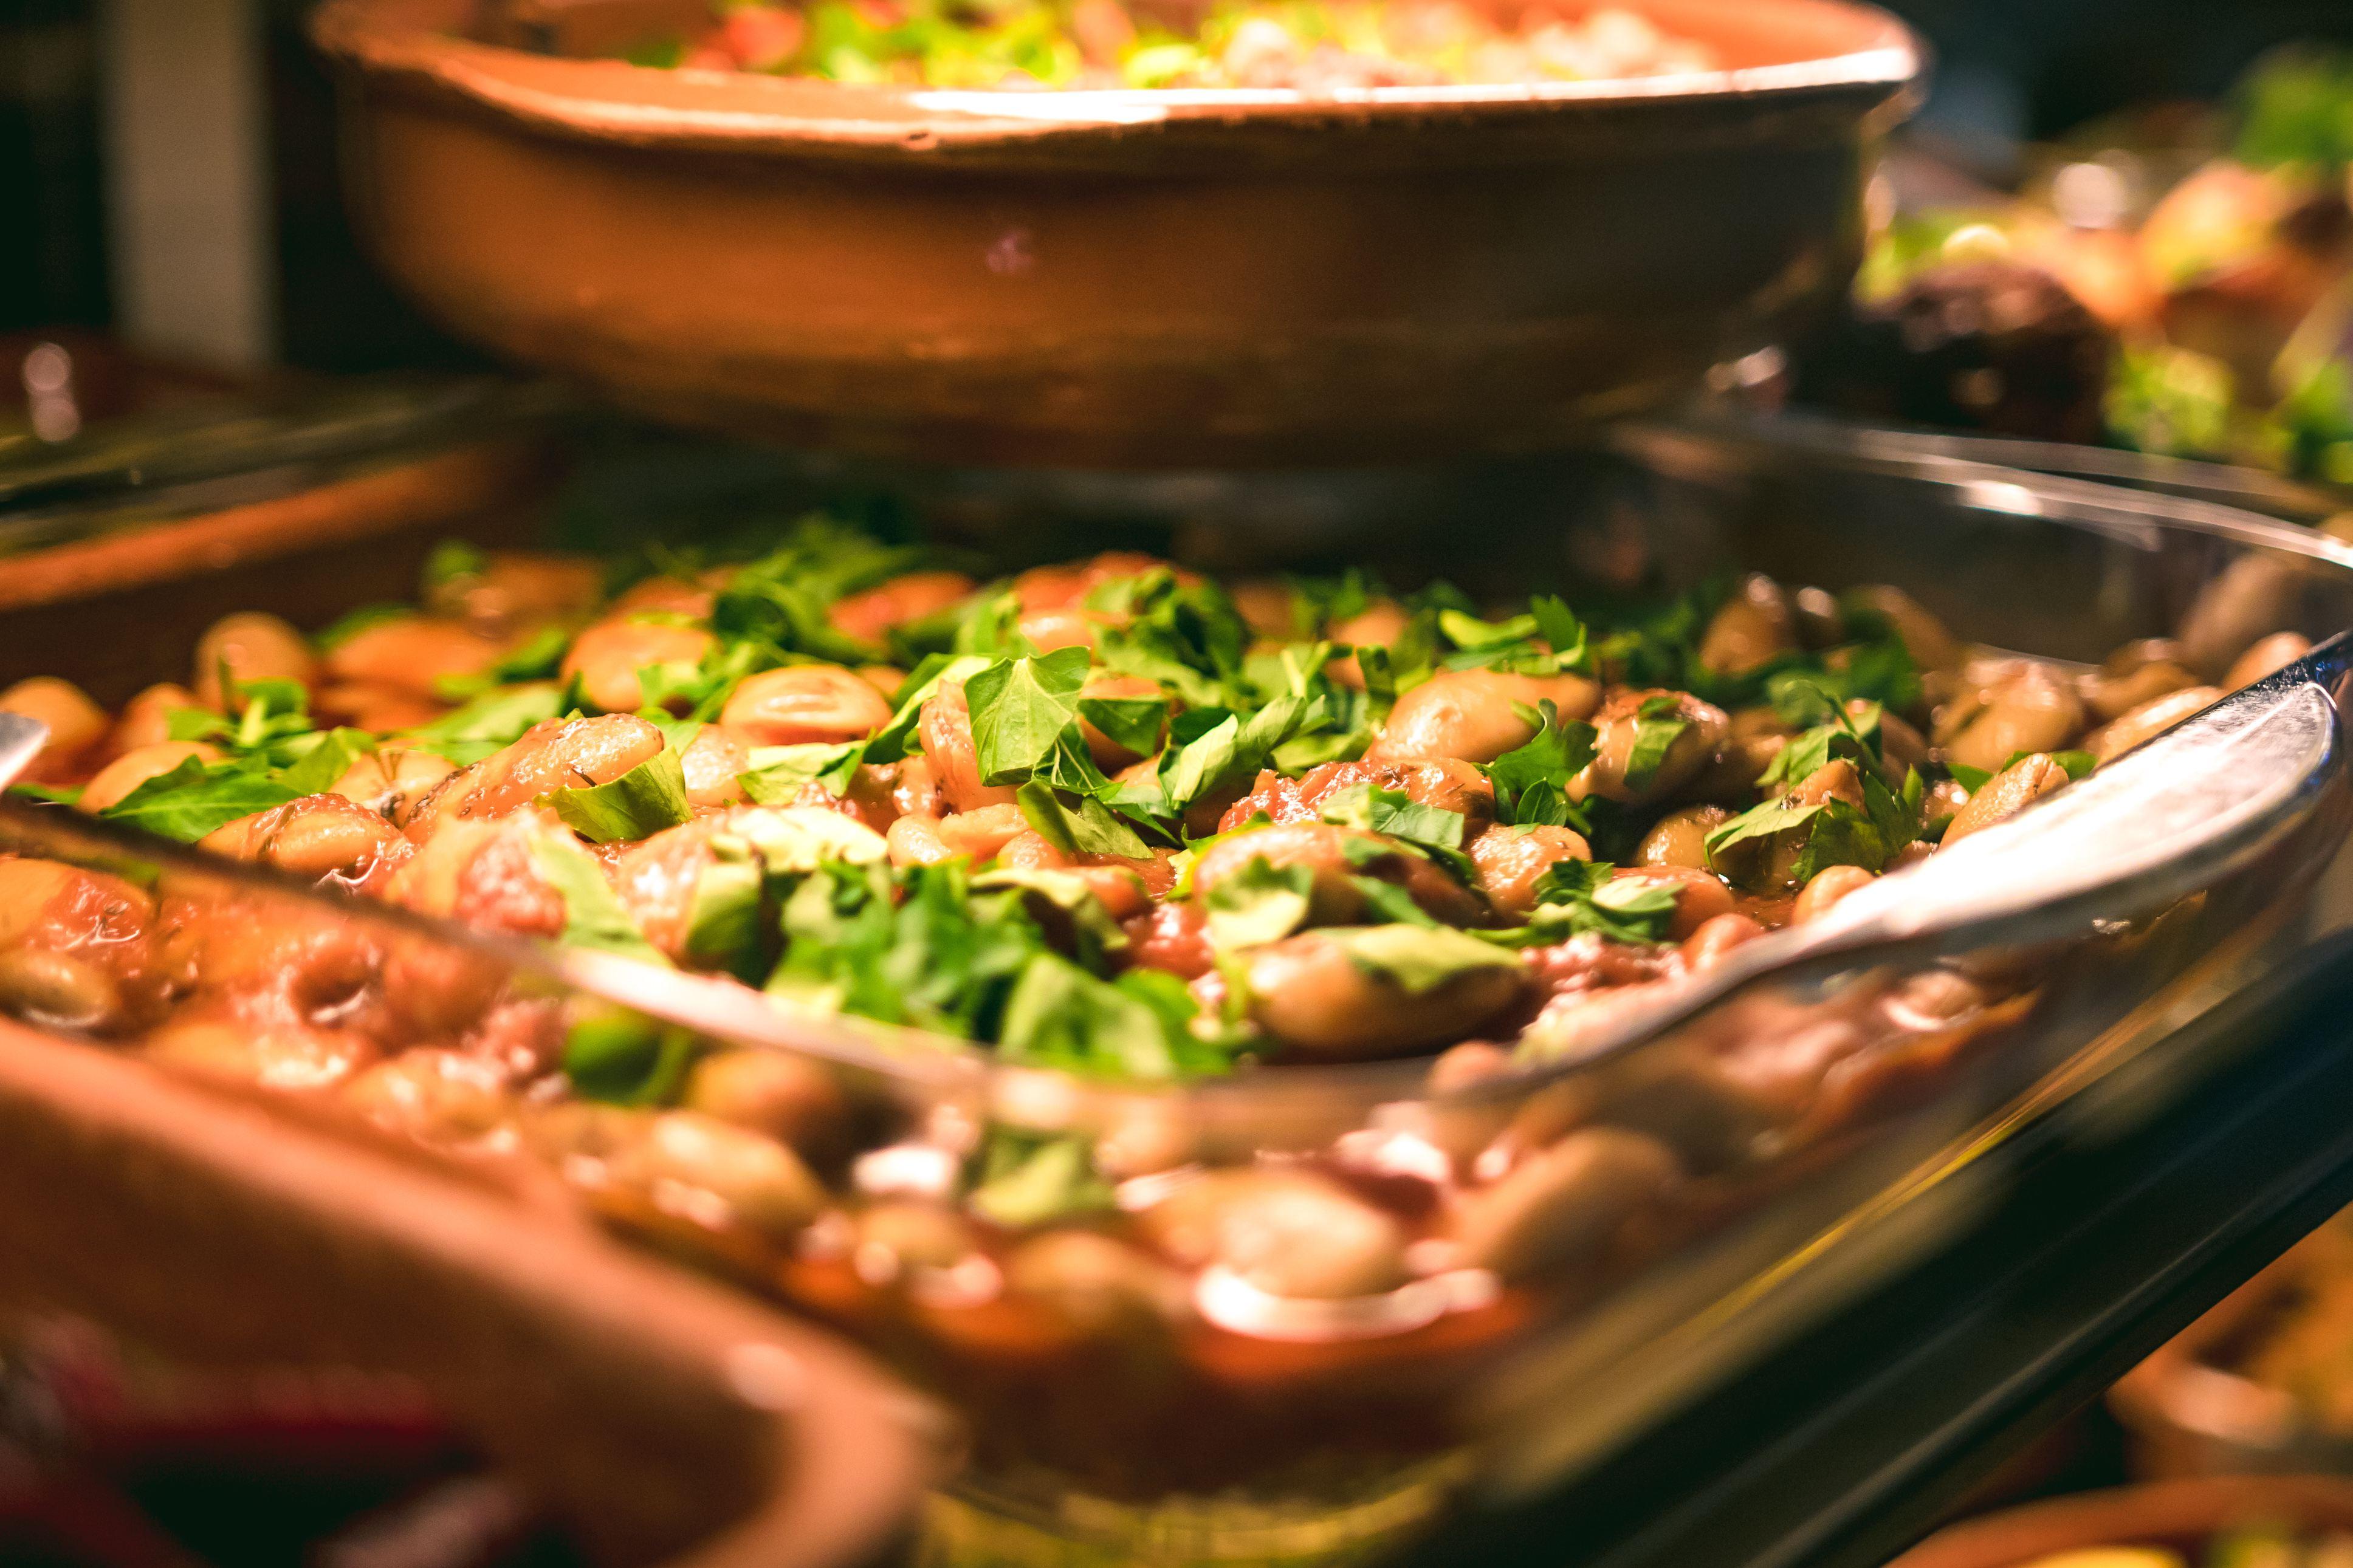 Mittagspause in Eimsbüttel – Schlemmen in der Karwoche